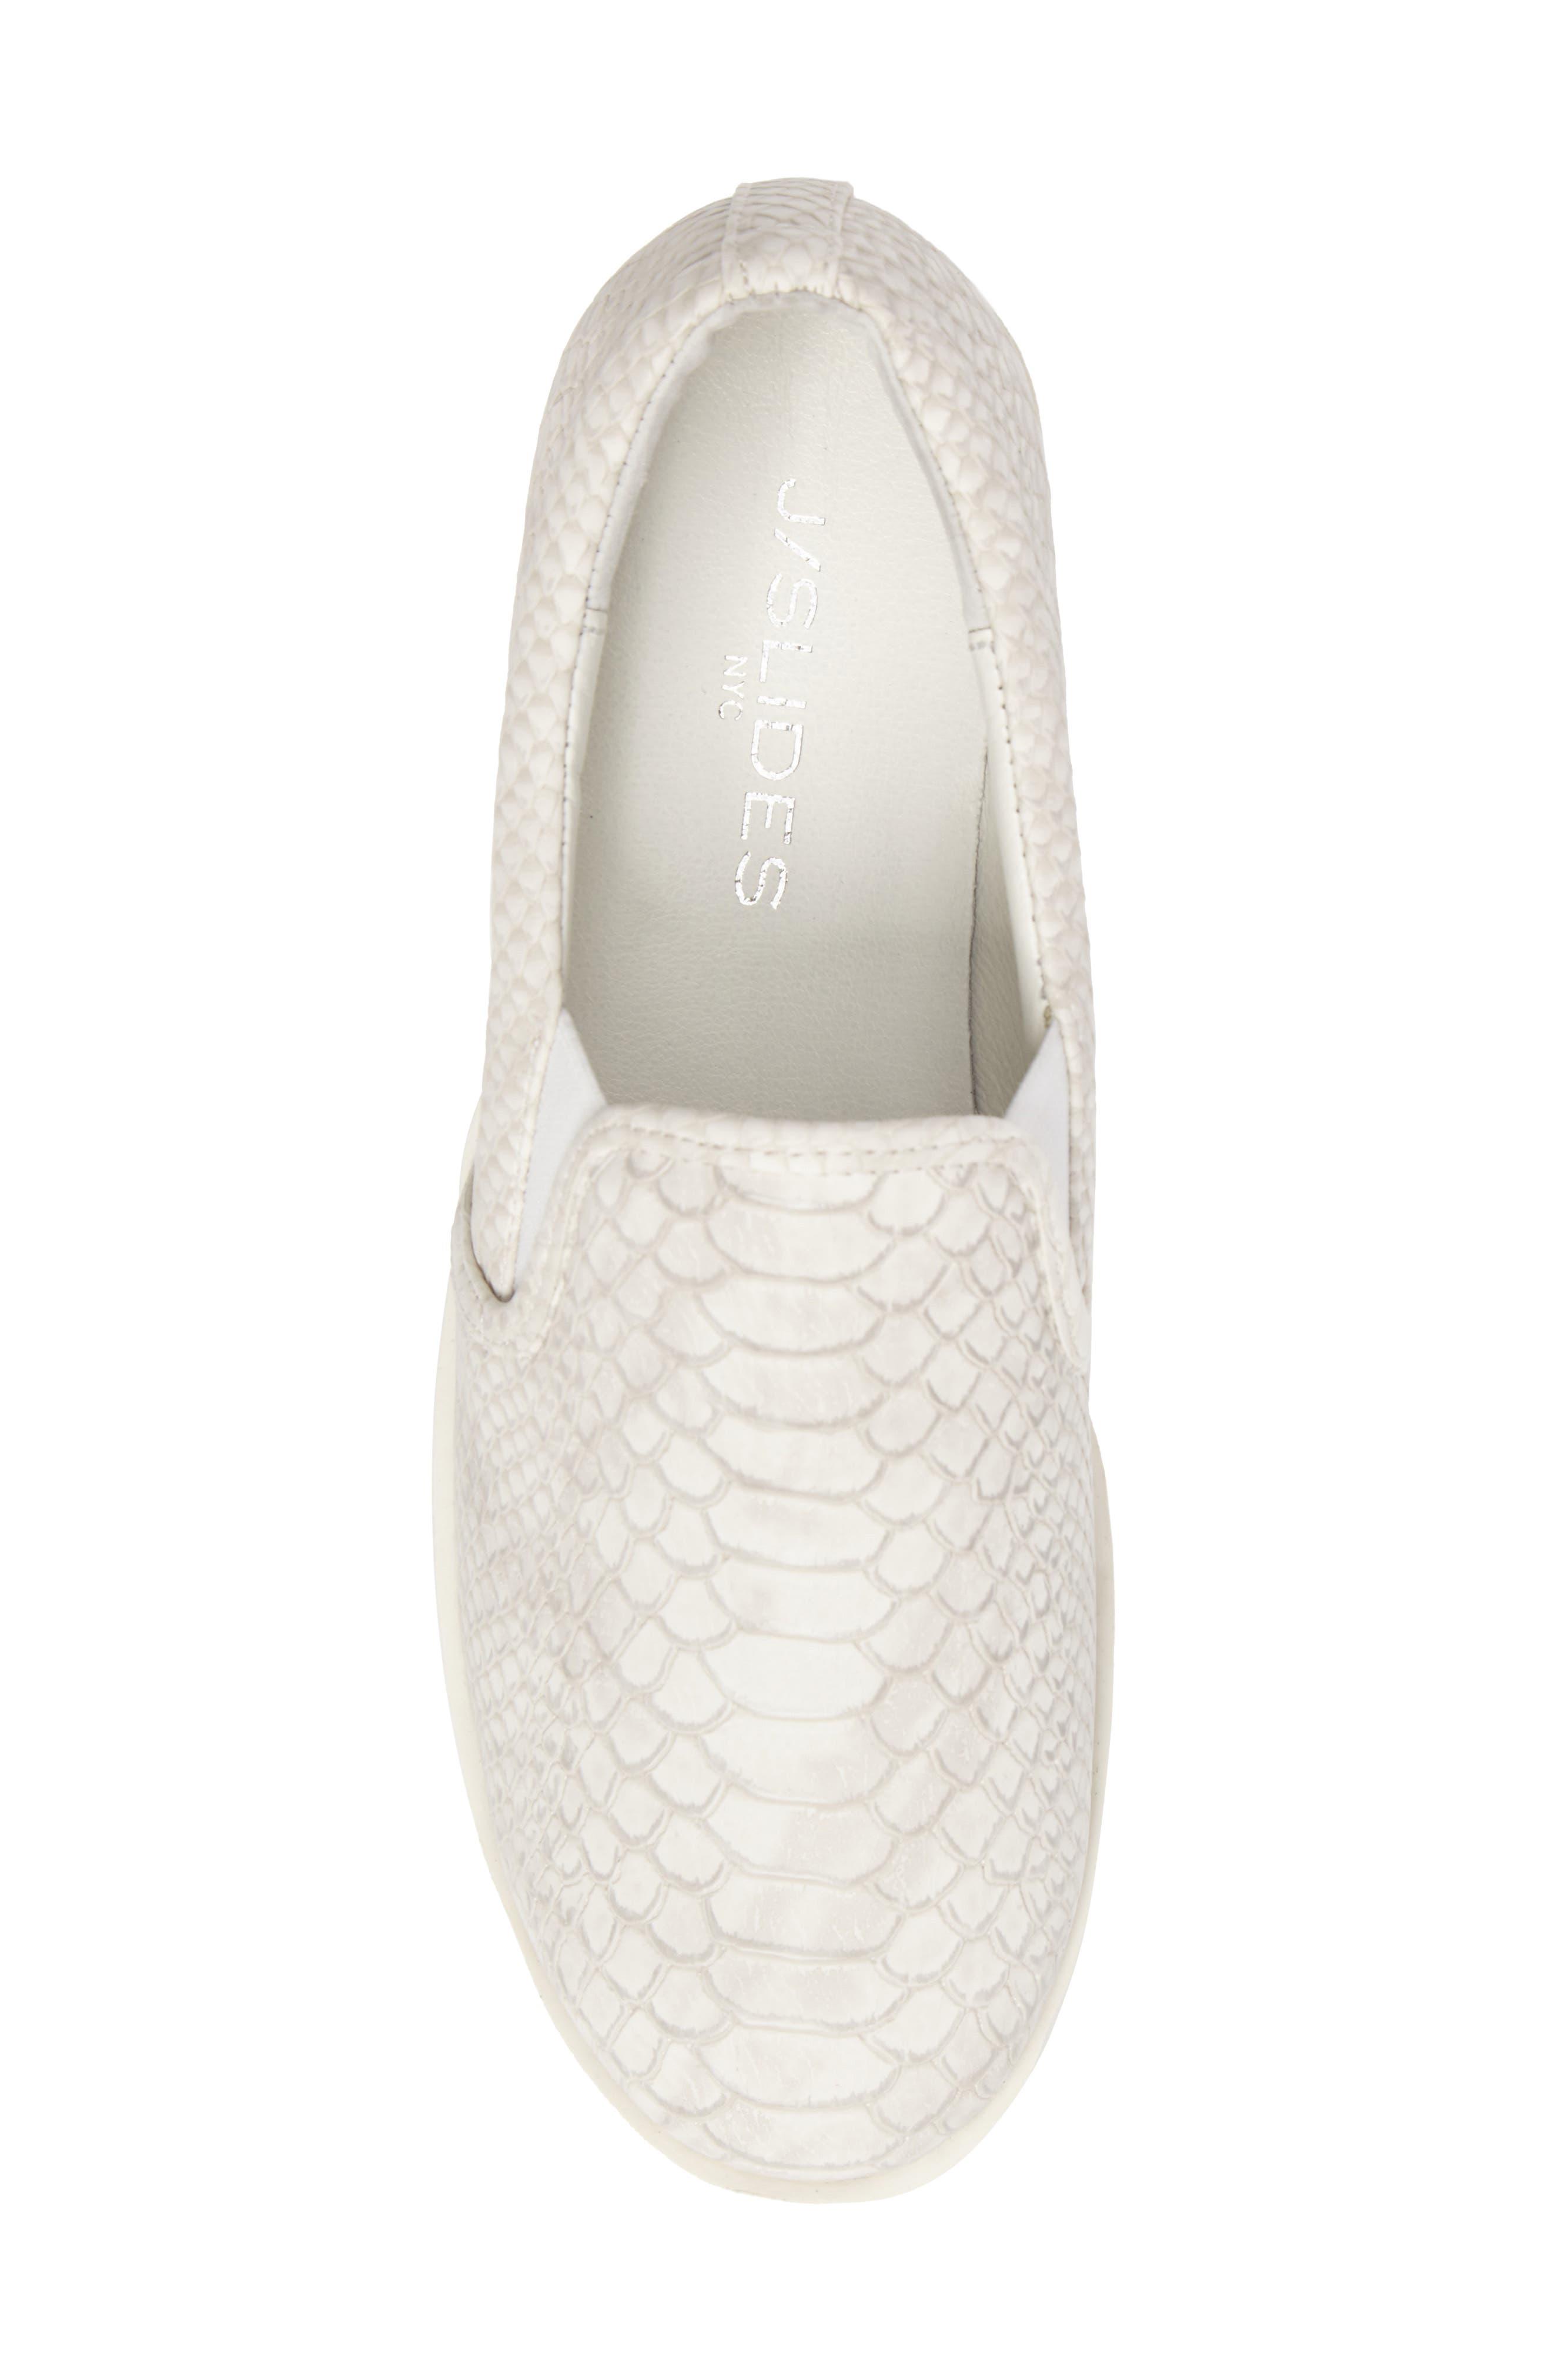 Genna Slip-On Sneaker,                             Alternate thumbnail 5, color,                             White Embossed Leather